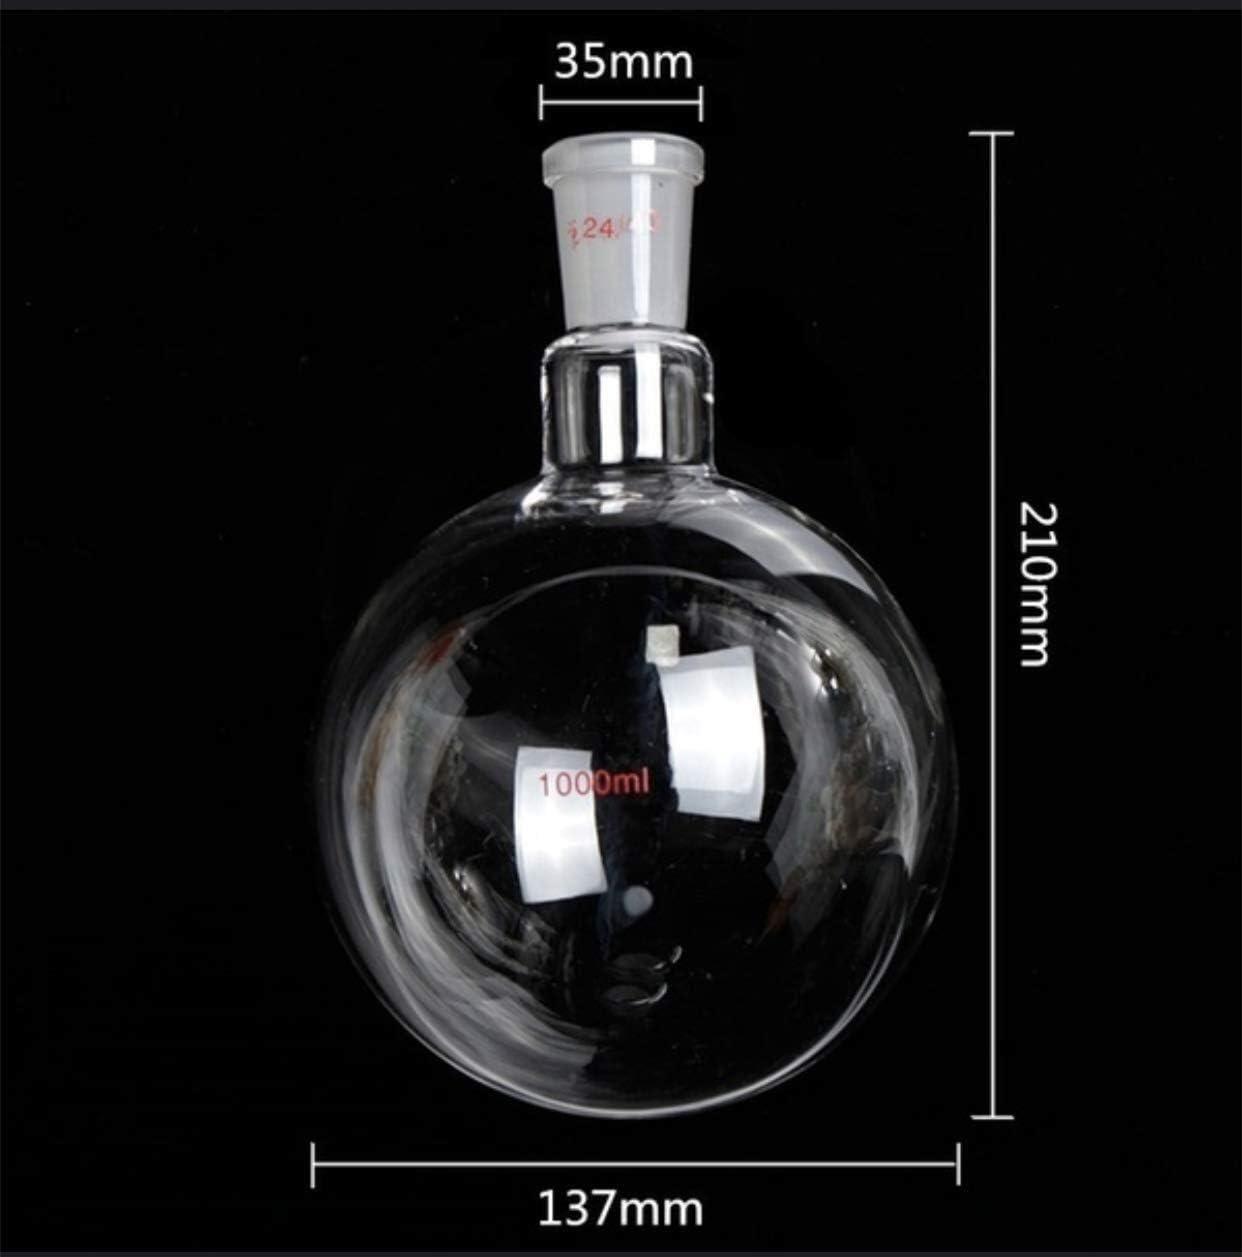 Sucastle 1000ml Glasdestillationsanlagen Chemie-Labor Glaswaren Kit Wasserfilter Chemie Wasser Distiller Reiniger Glas Kits